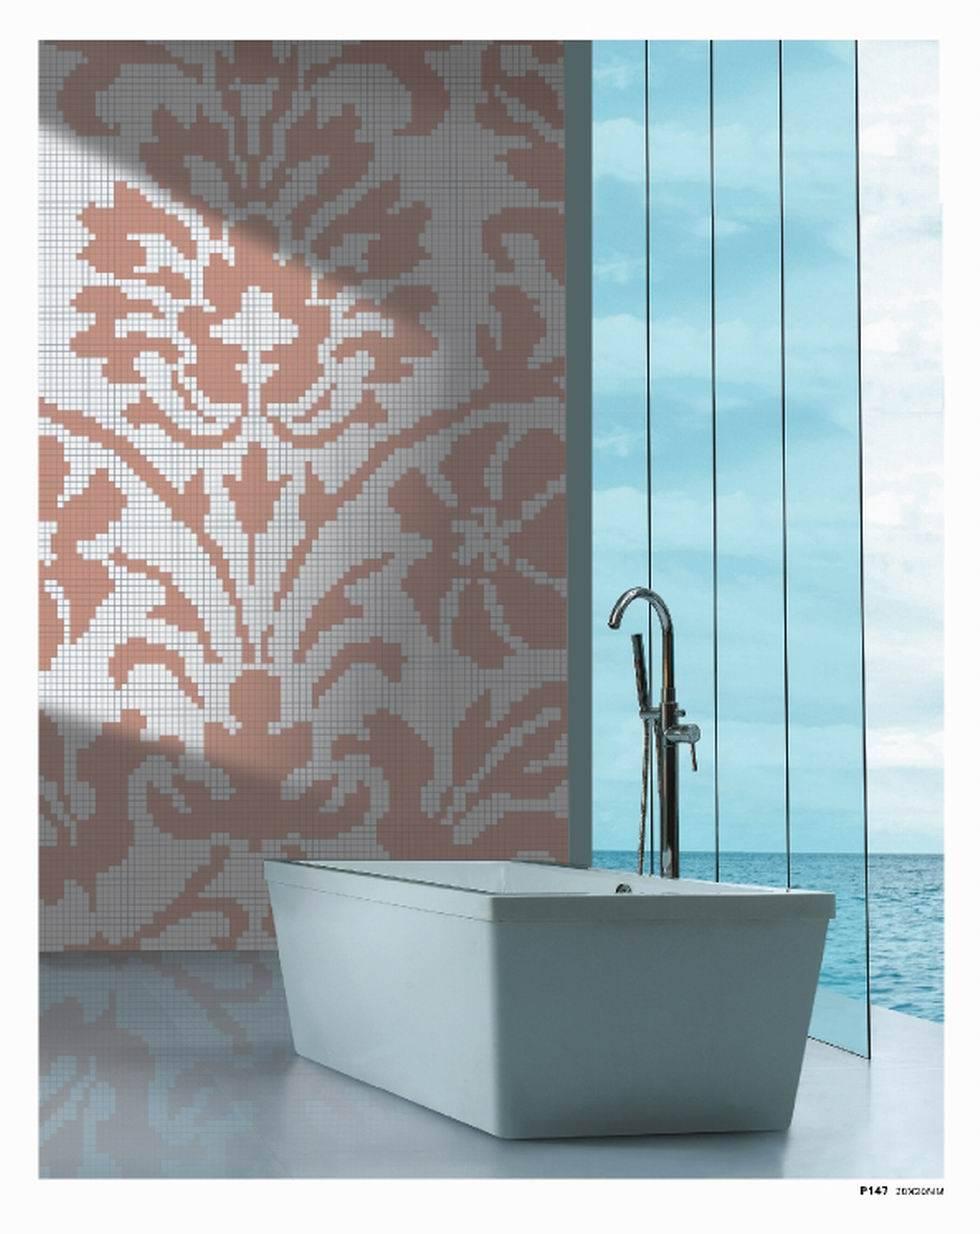 厕所 家居 设计 卫生间 卫生间装修 装修 980_1234 竖版 竖屏